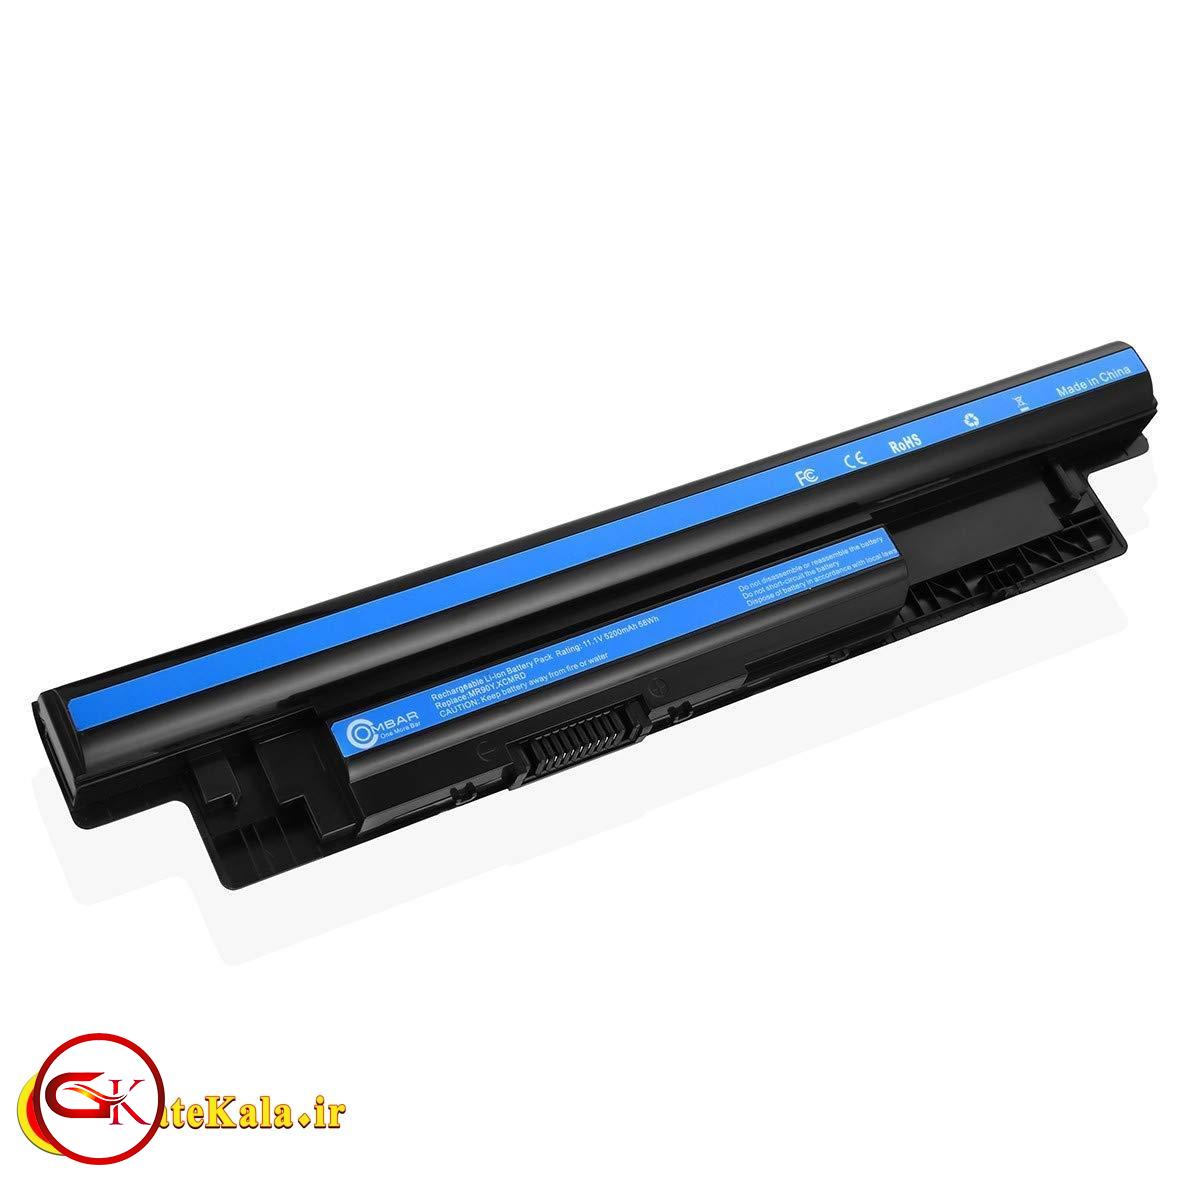 باتری لپ تاپ Dell Vostro 2421